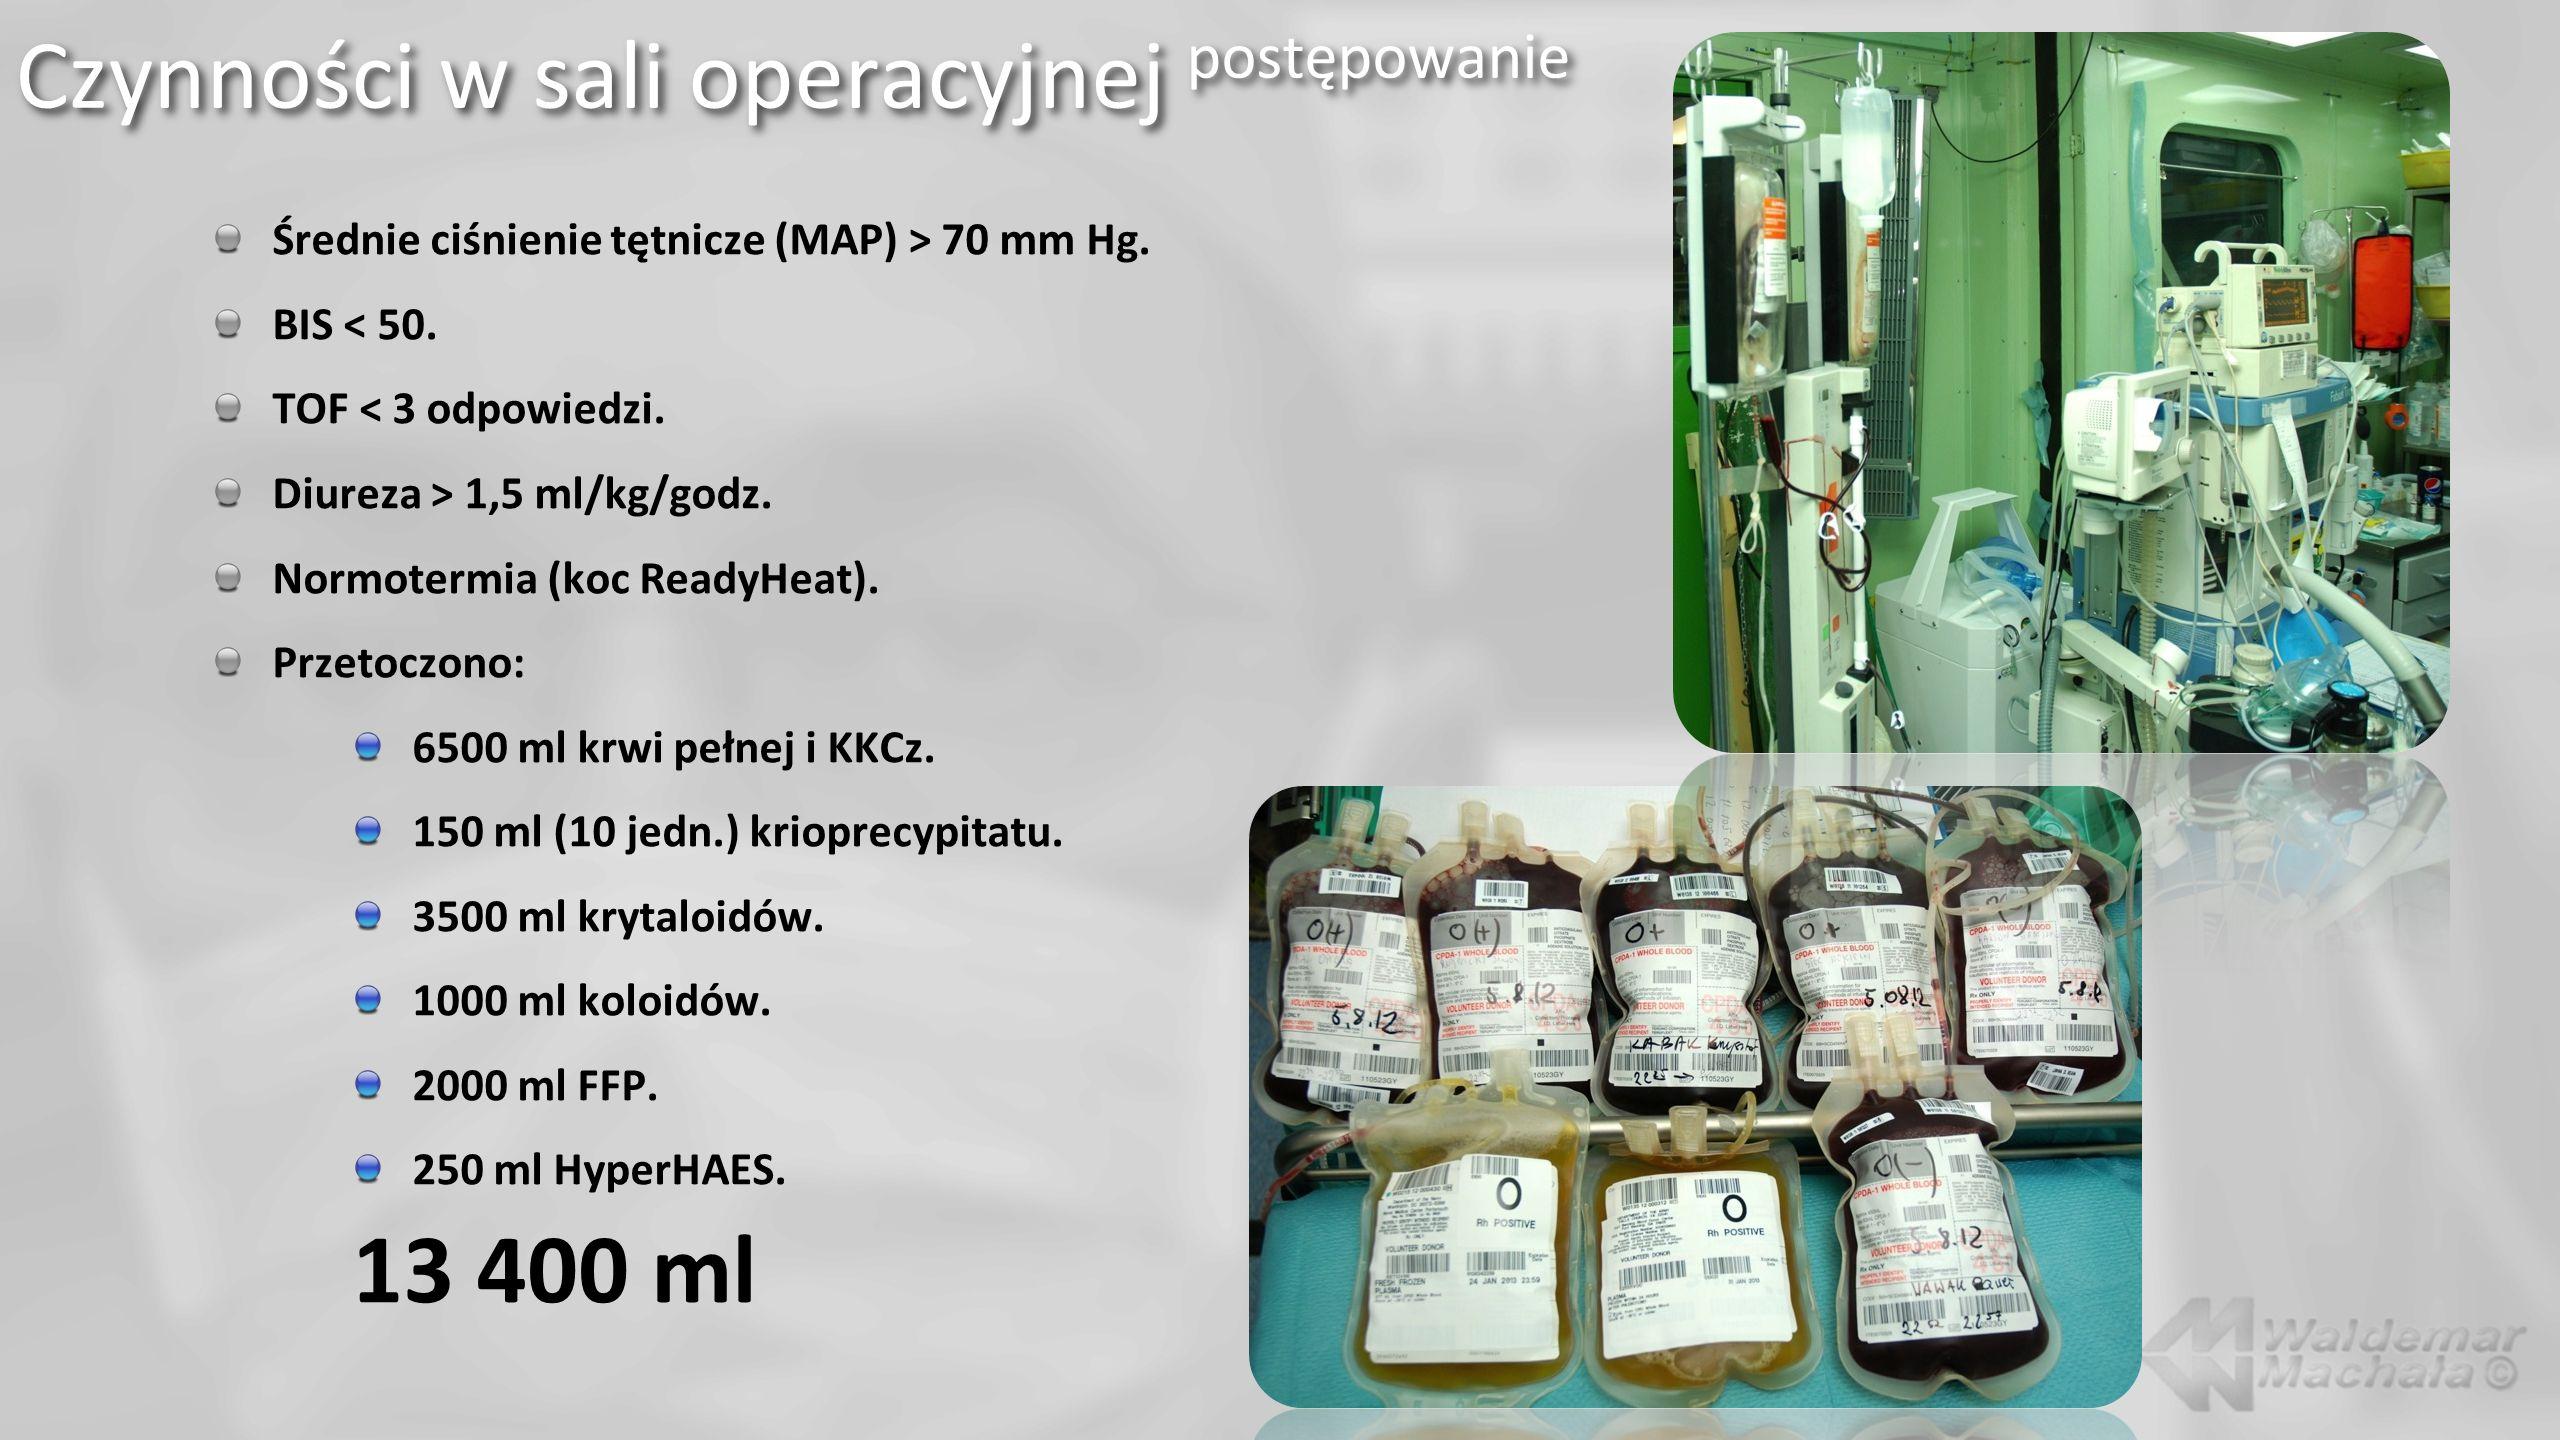 Średnie ciśnienie tętnicze (MAP) > 70 mm Hg. BIS < 50. TOF < 3 odpowiedzi. Diureza > 1,5 ml/kg/godz. Normotermia (koc ReadyHeat). Przetoczono: 6500 ml